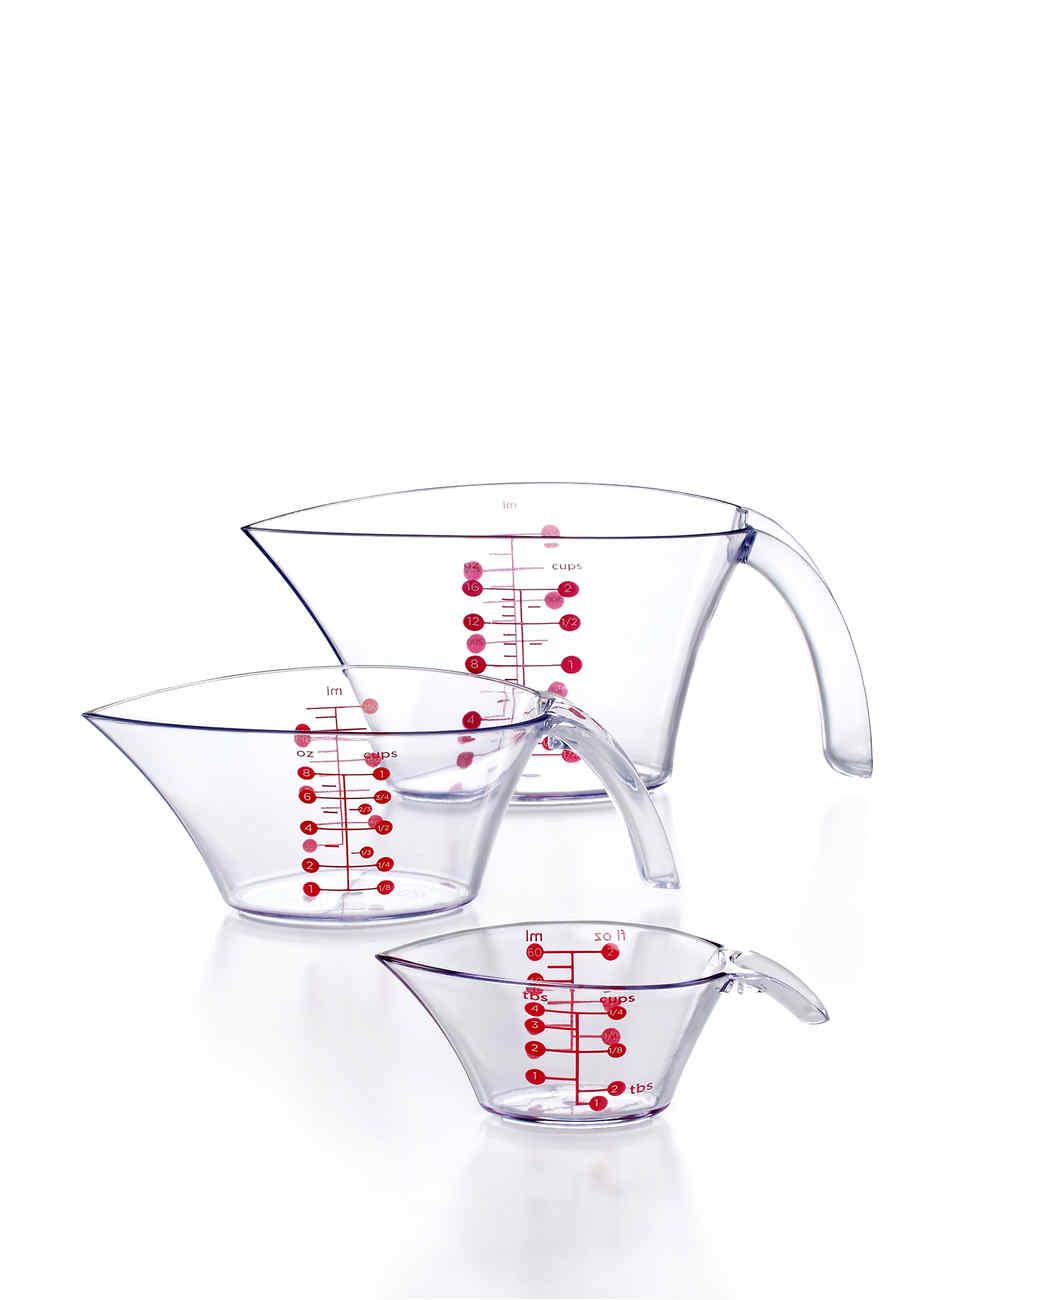 msmacys-nesting-measuring-cups-mrkt-0714.jpg